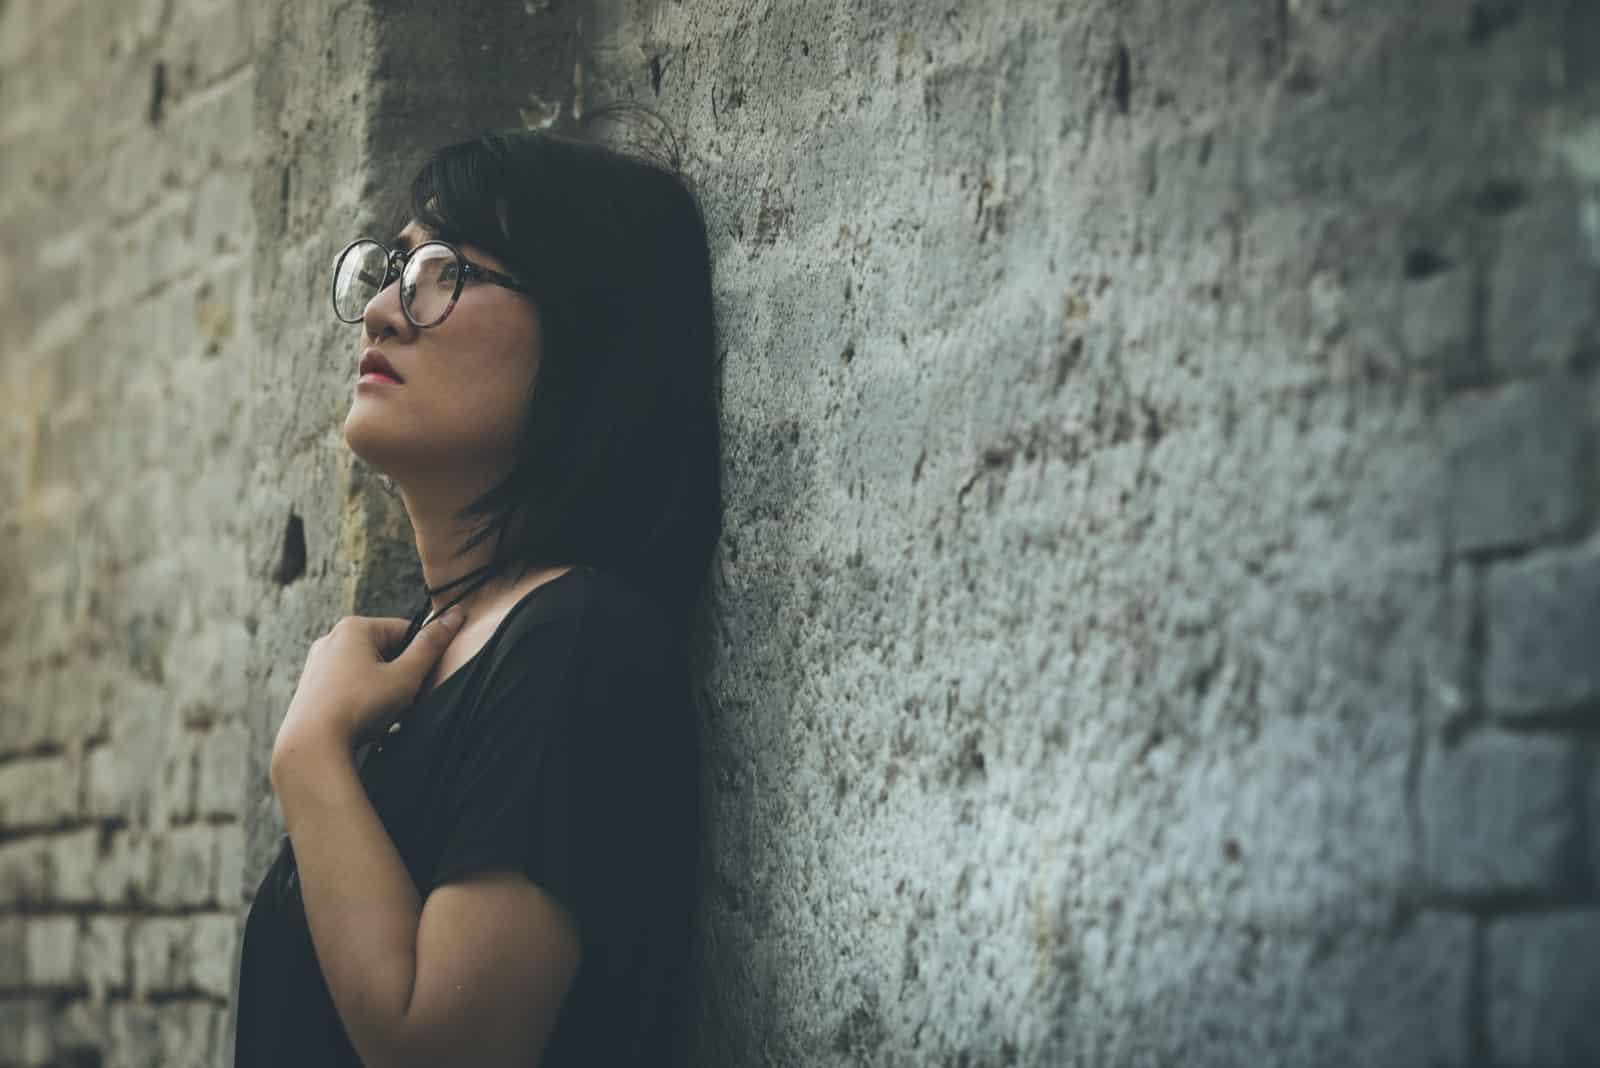 Eine verängstigte depressive Frau steht an der Wand gelehnt